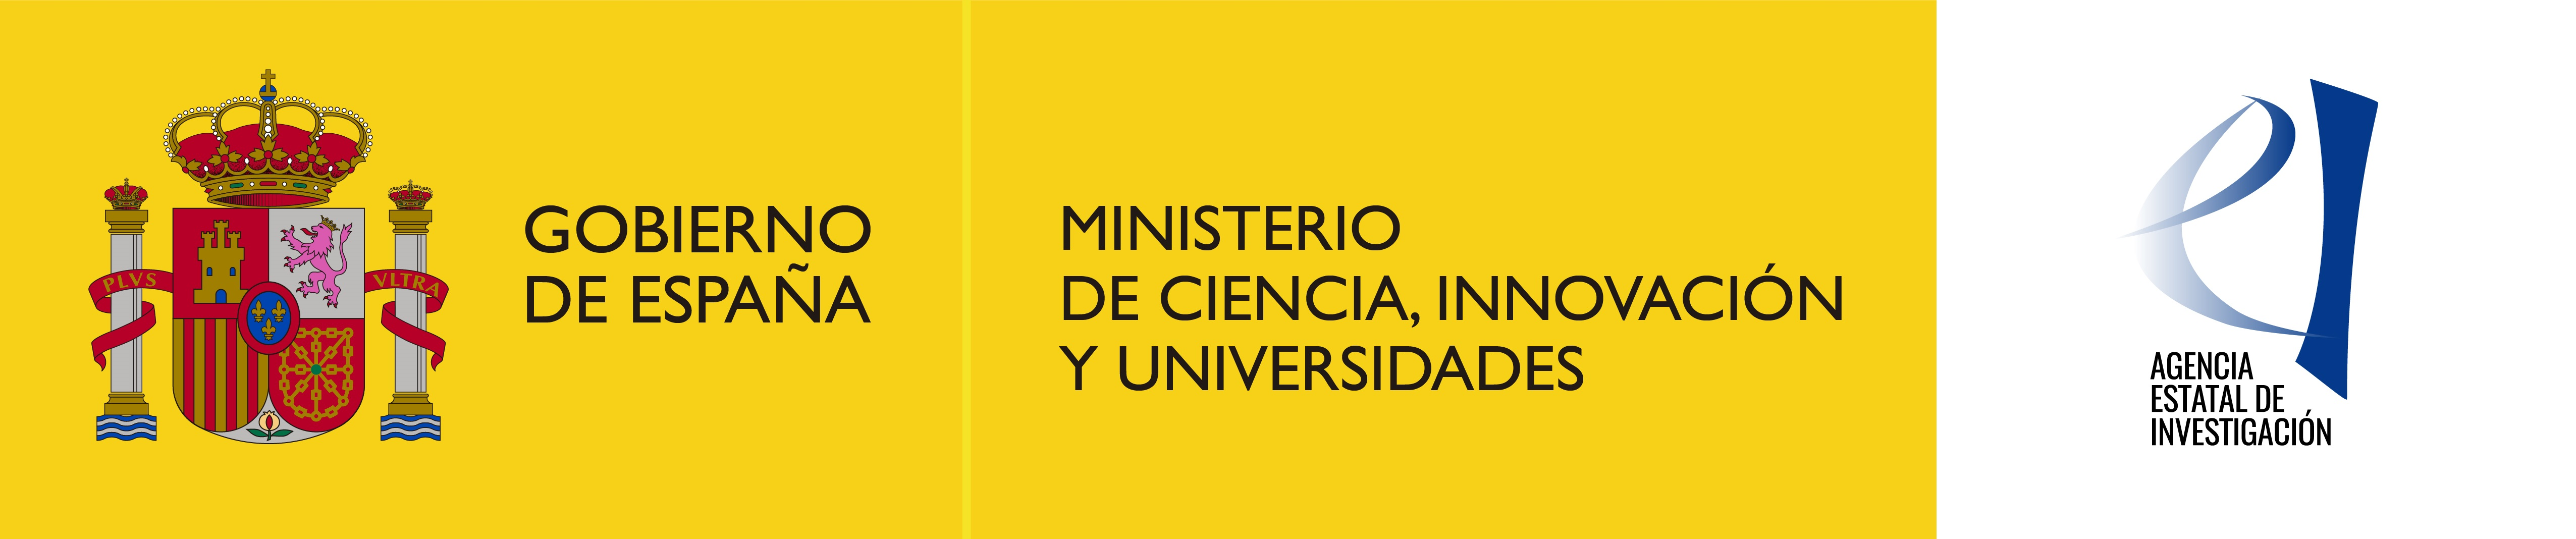 logo ciencia innovación MCIU_Gob_AEI